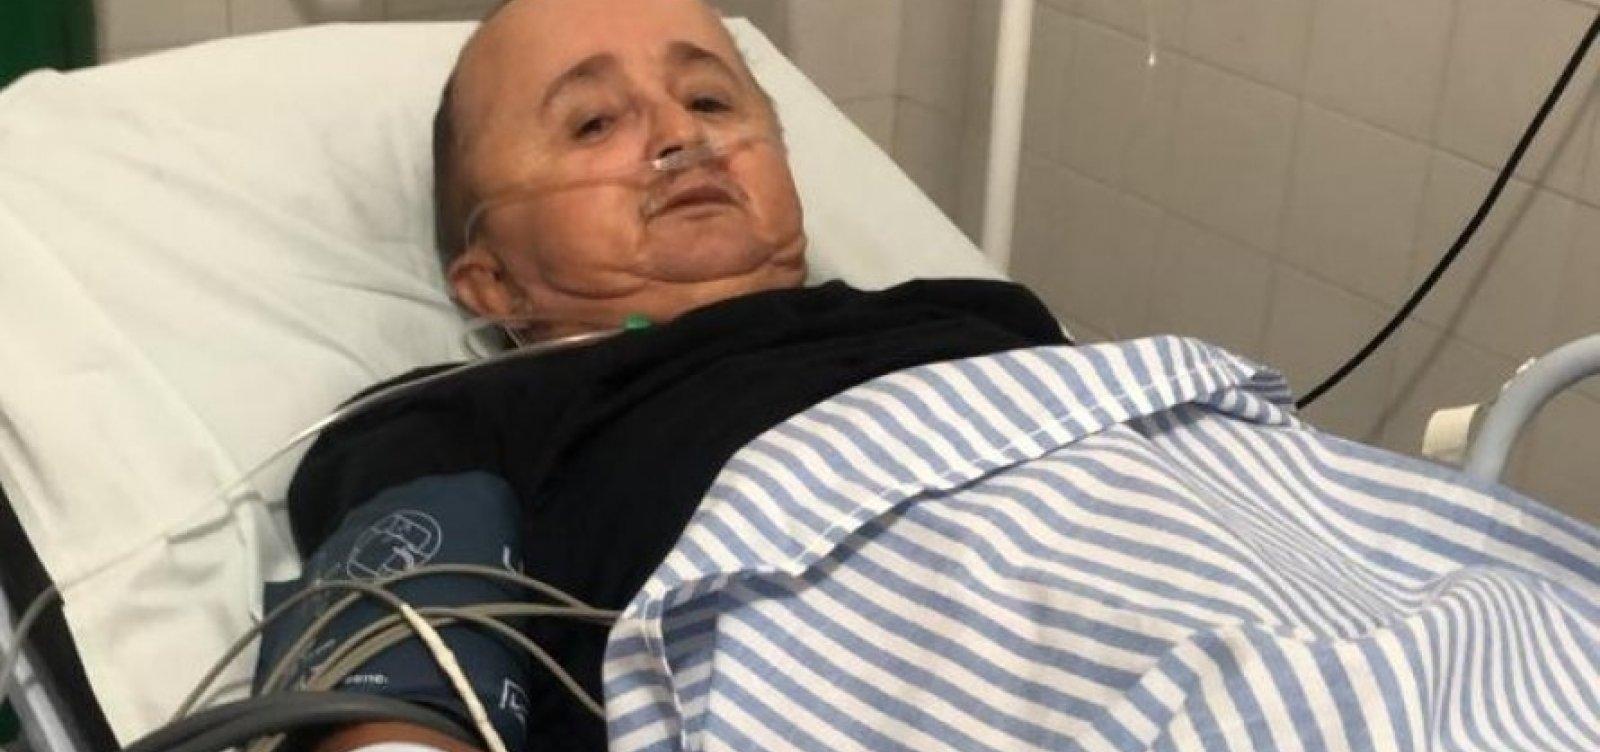 Locutor Jotinha sofre infarto e é internado - Metro 1